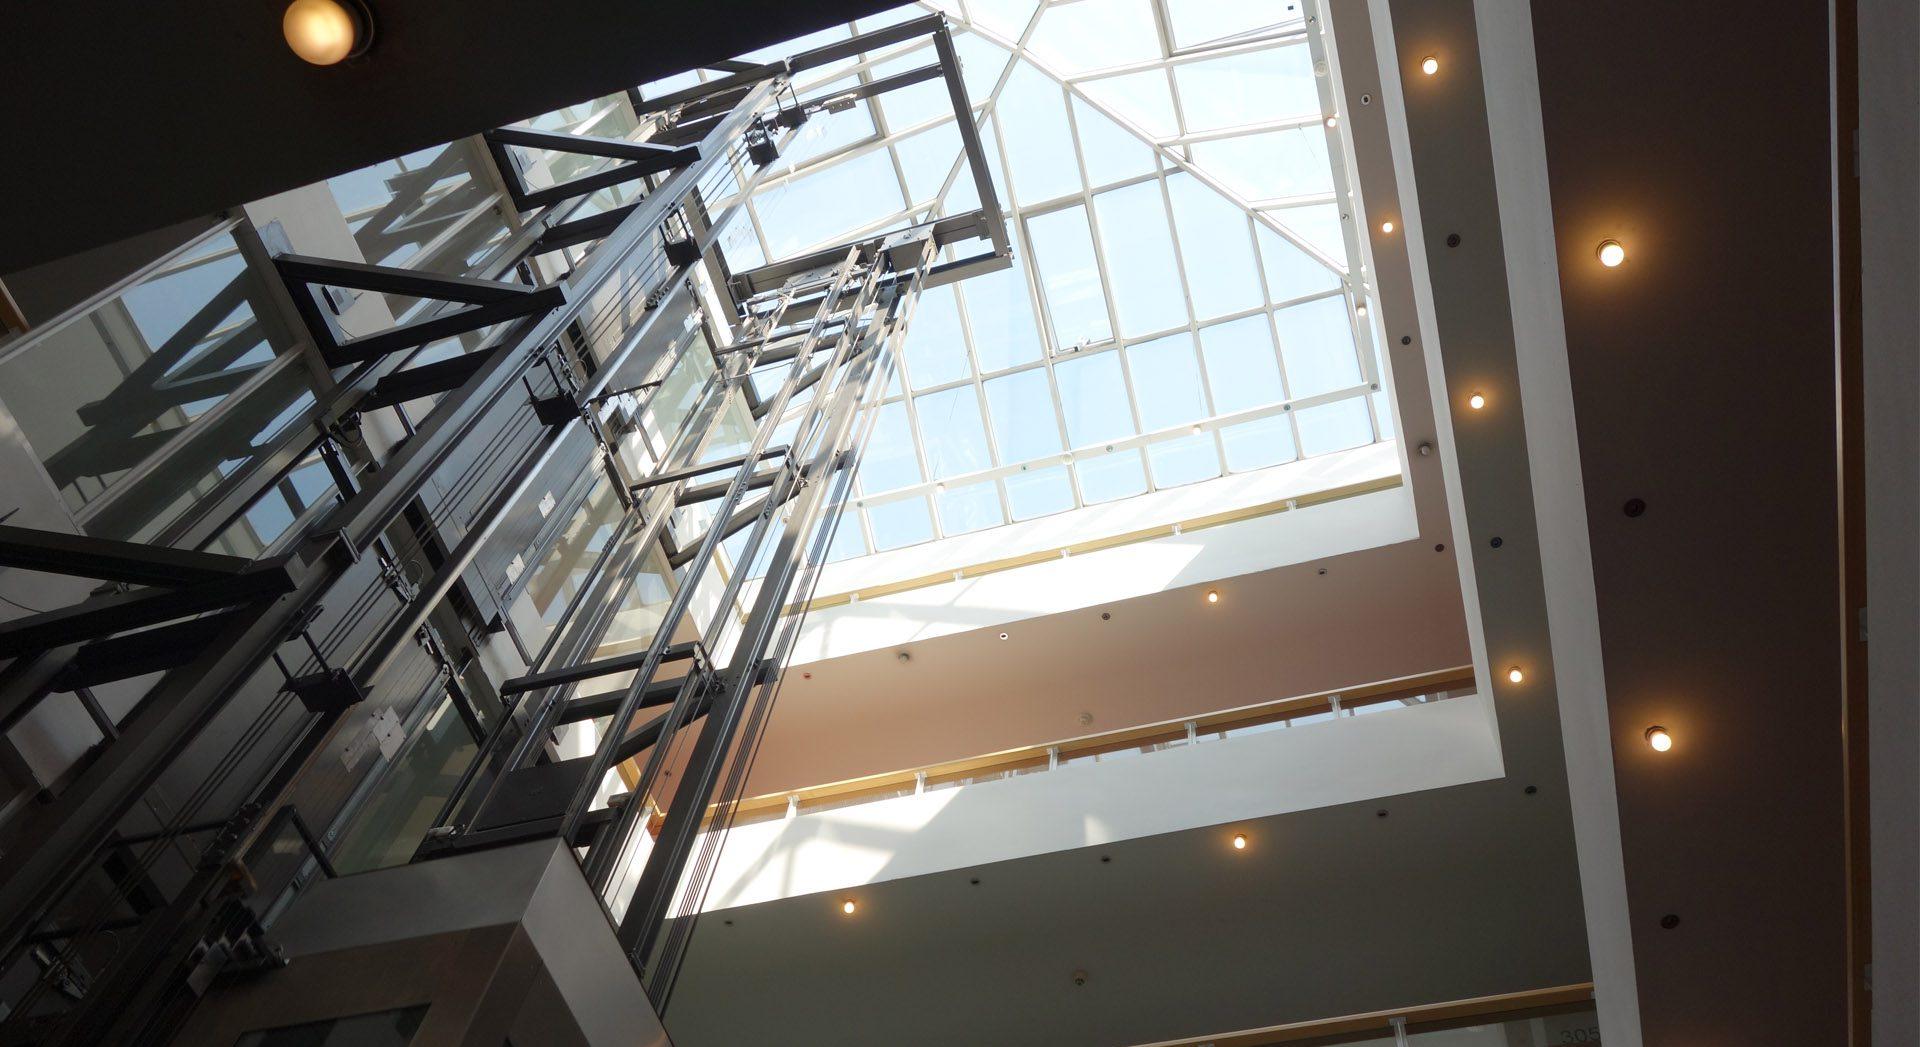 Architektur; Innenarchitektur; Veranstaltung; Lichtkonzept; Hotel Alte Werft;